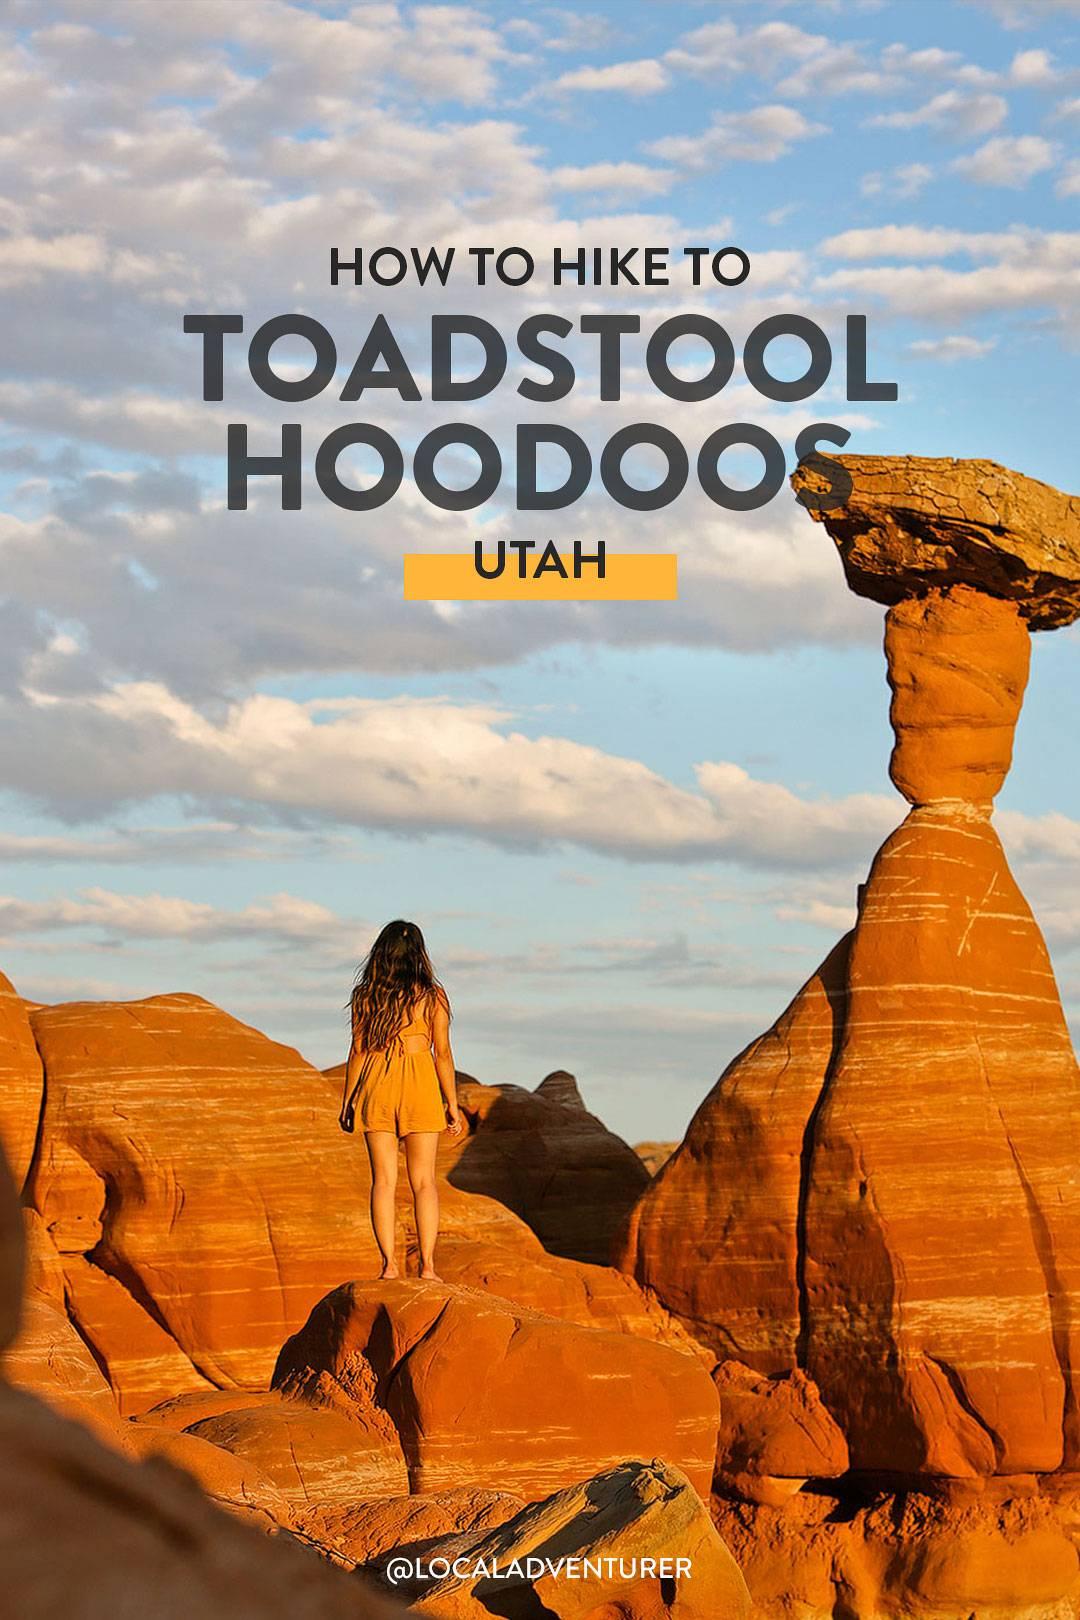 How to Hike to Toadstool Hoodoos Utah